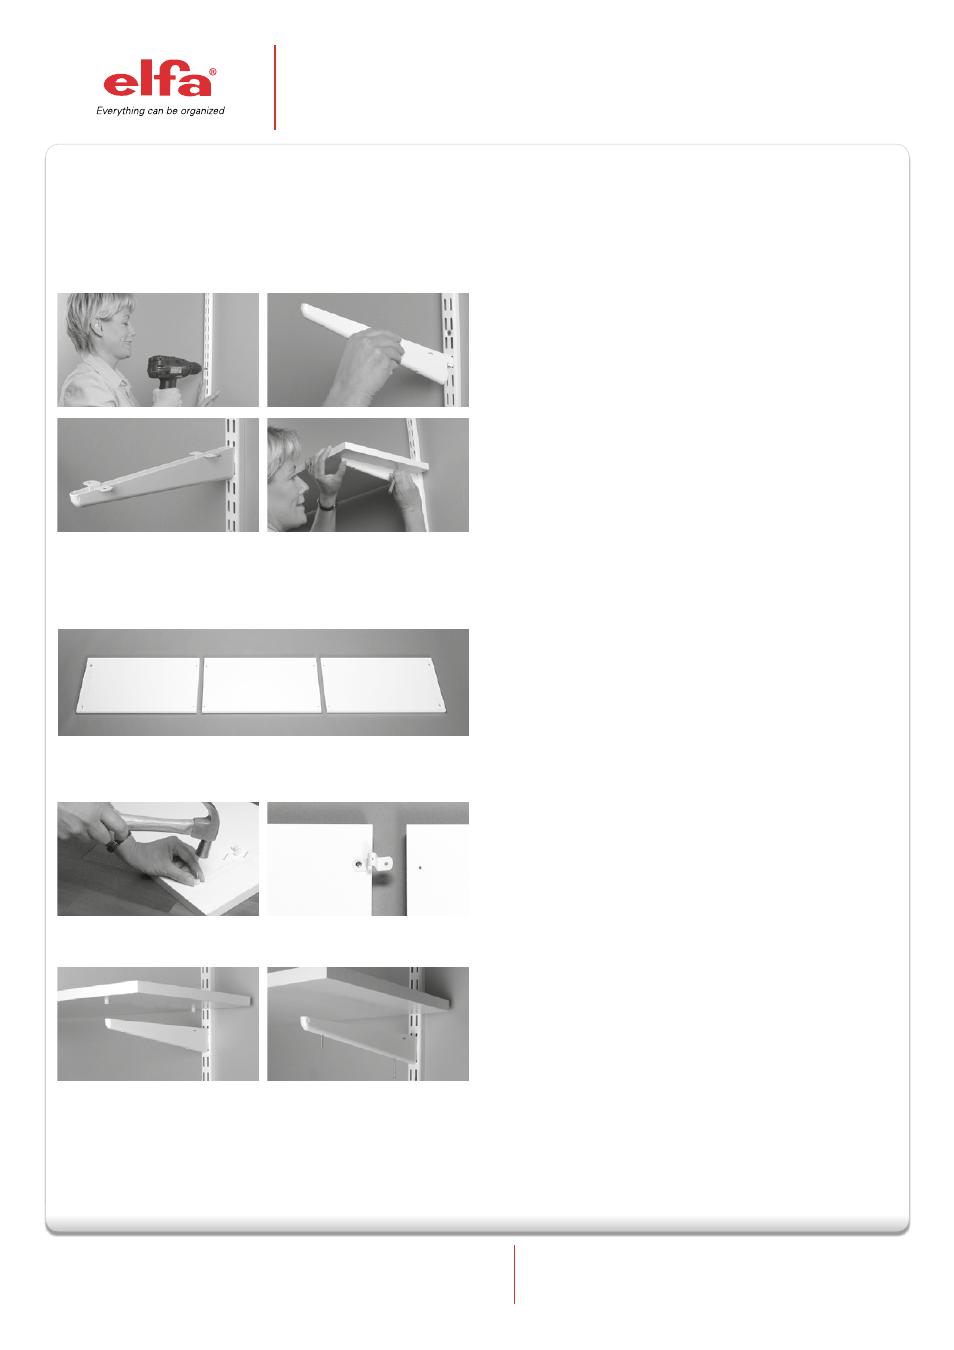 Elfa Melamine Shelves Used Together With Hang Standards User